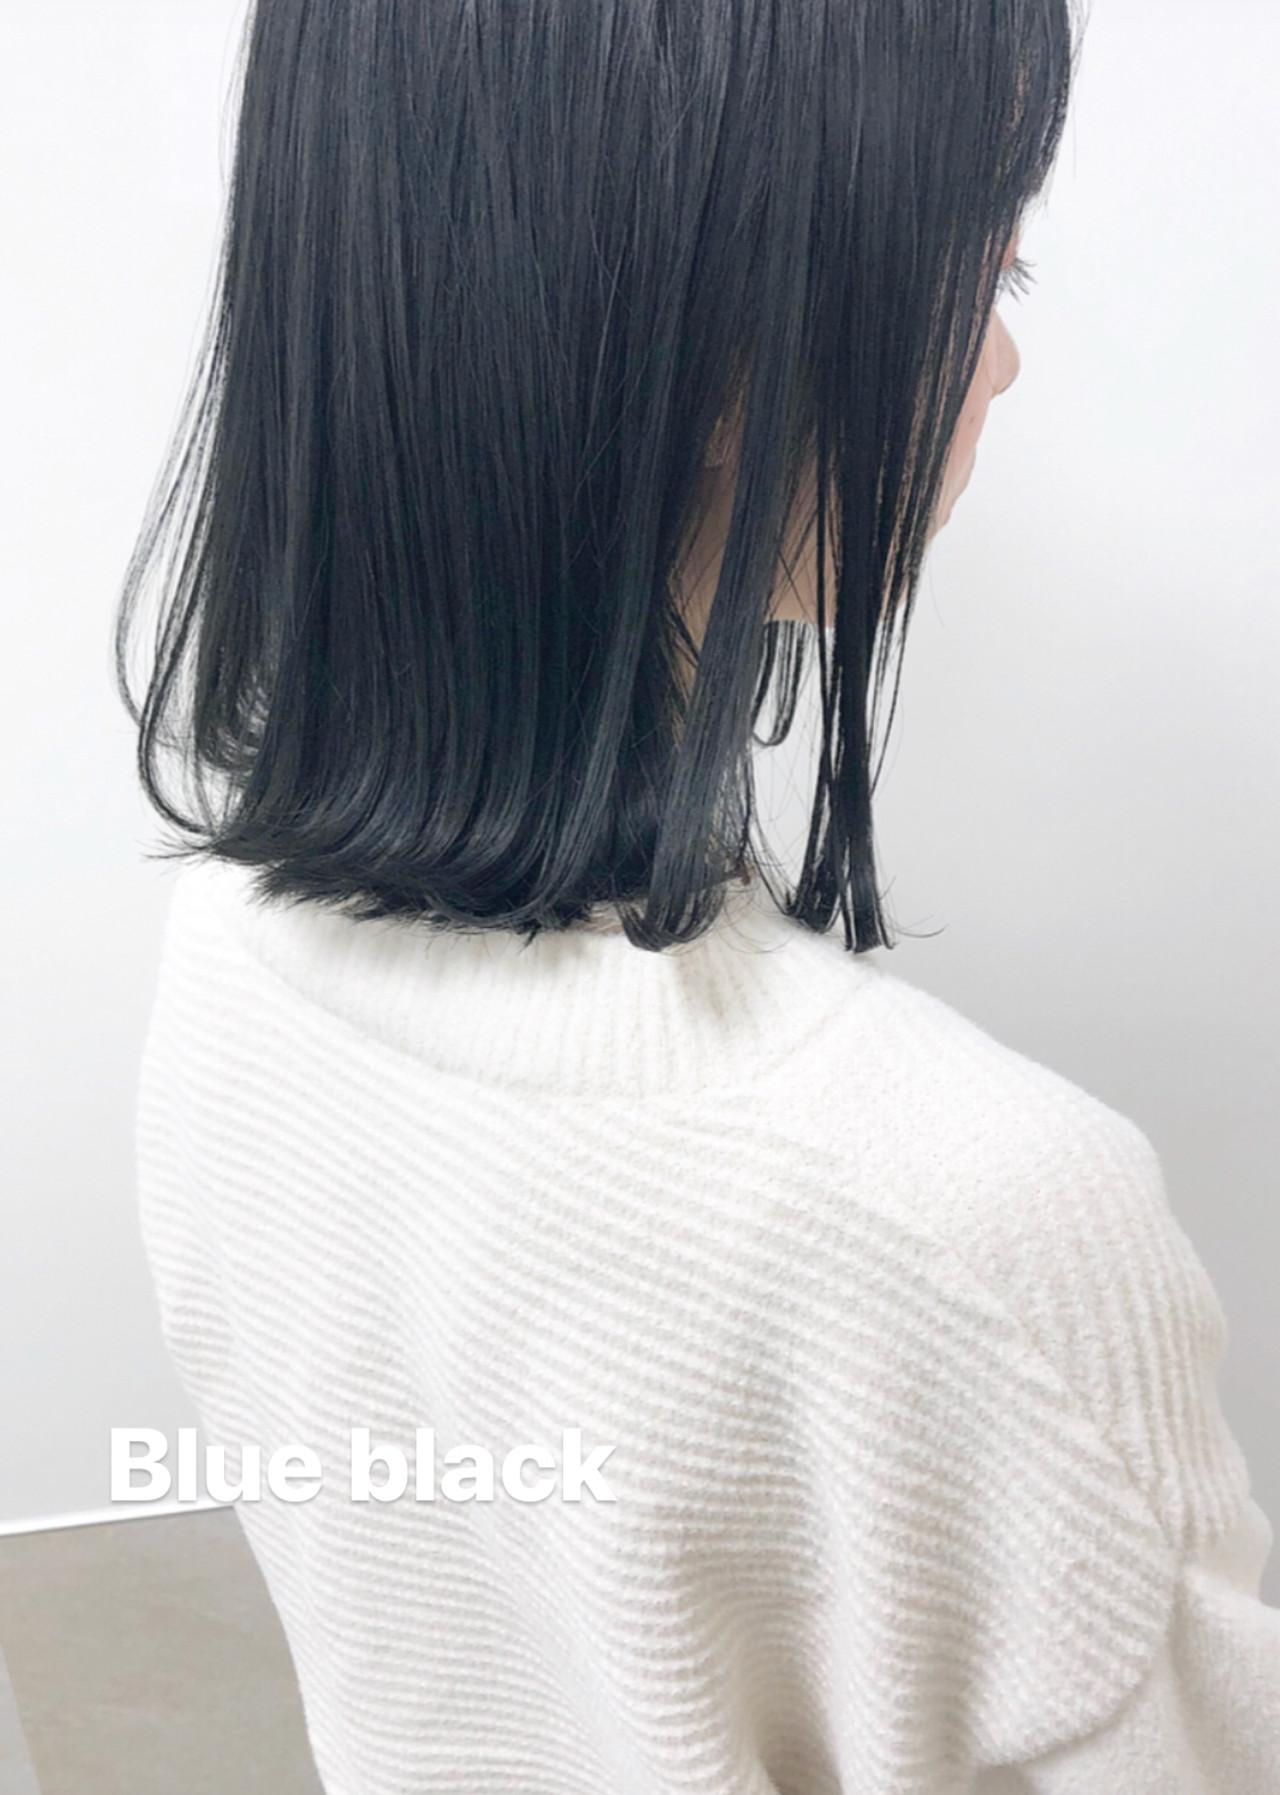 ネイビーアッシュ ミディアム ナチュラル ネイビー ヘアスタイルや髪型の写真・画像